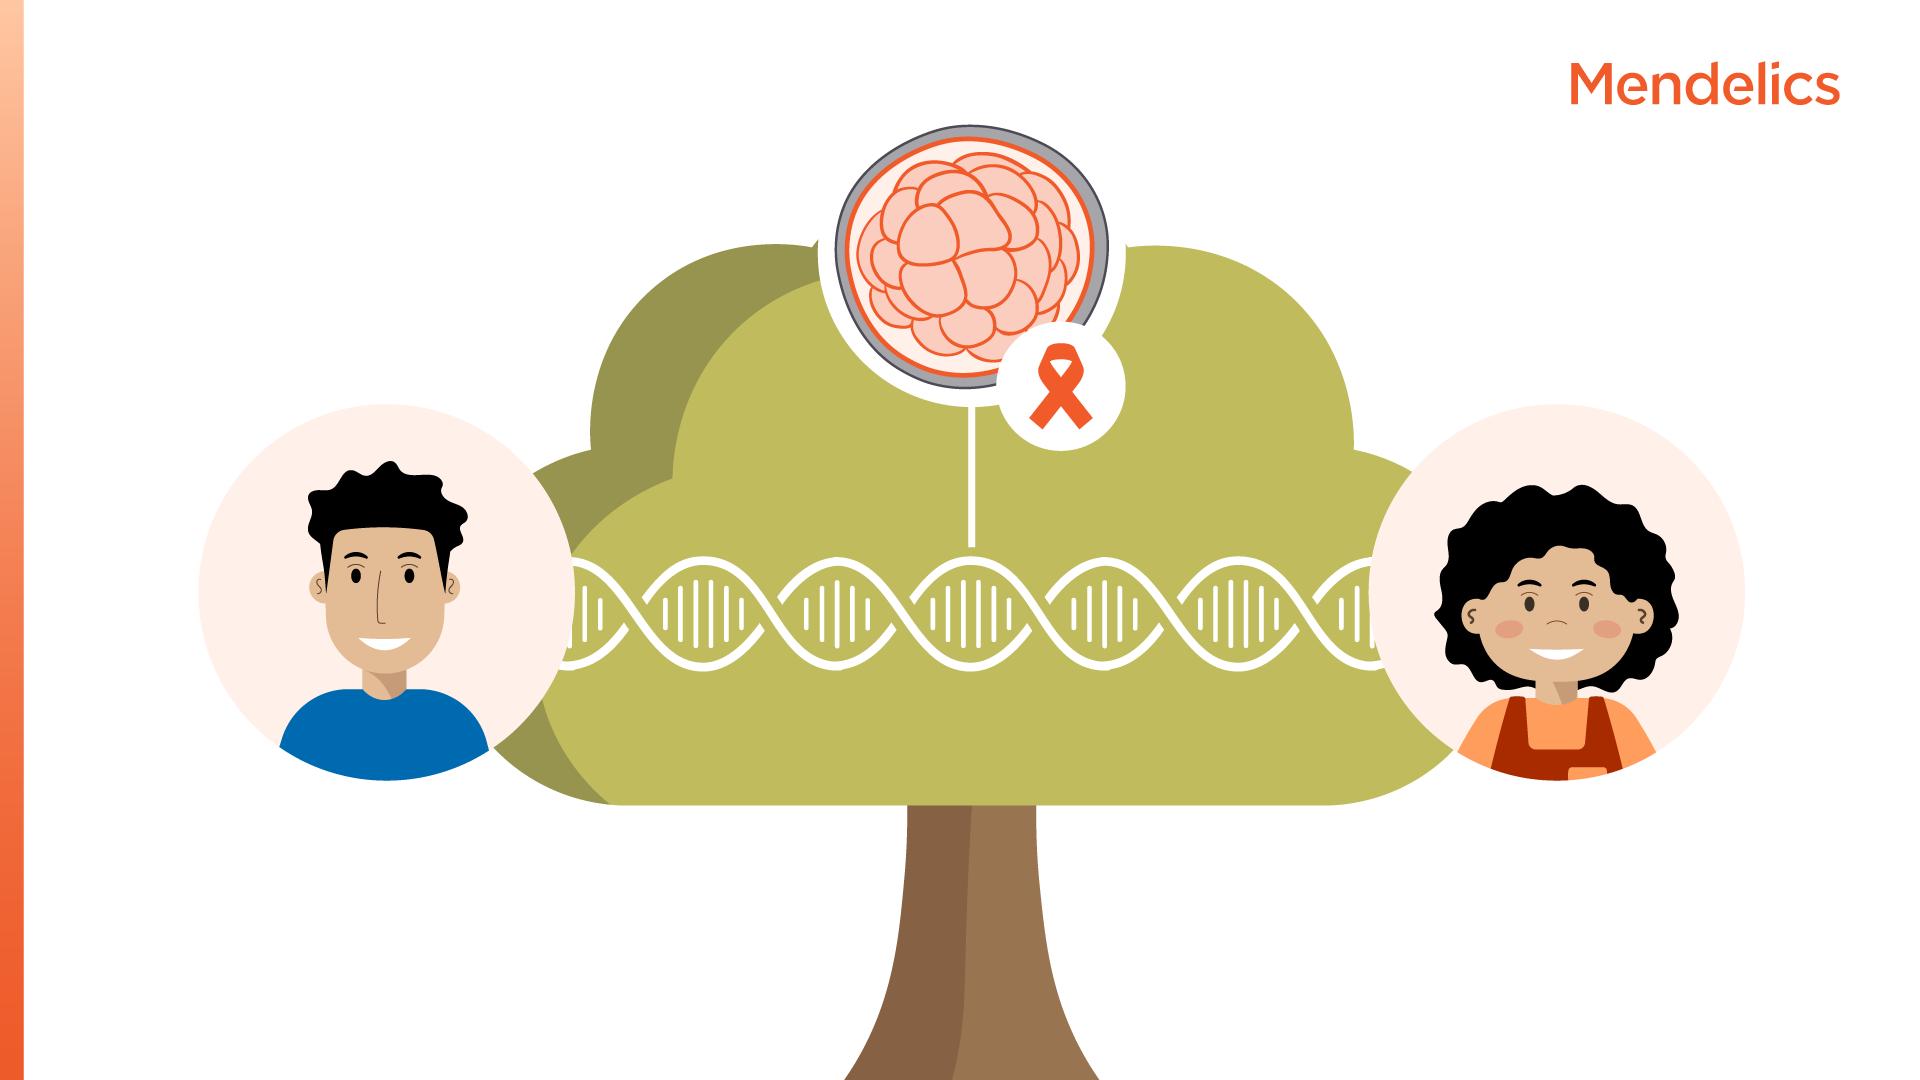 Imagem ilustrativa de câncer hereditário, mostrando duas pessoas aparentadas em uma árvore genealógica